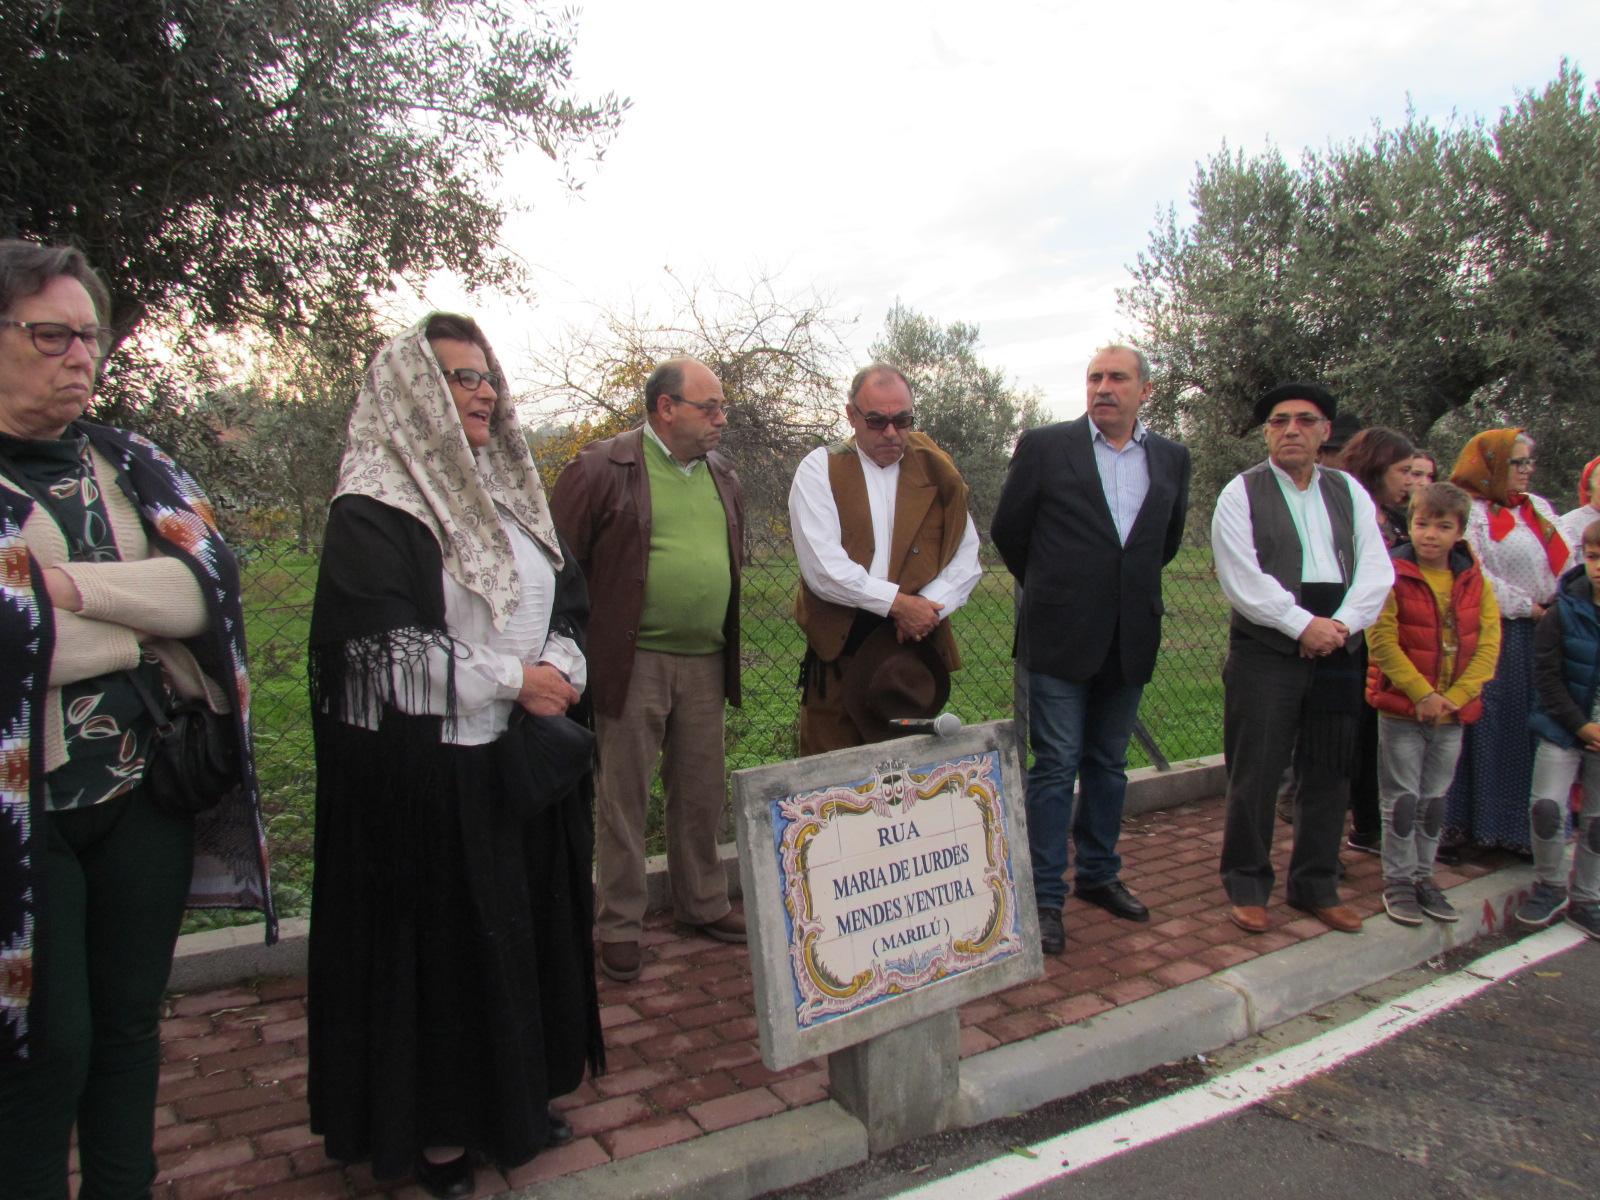 Grupo Folclórico da Região de Arganil homenageia a sua fundadora Marilú